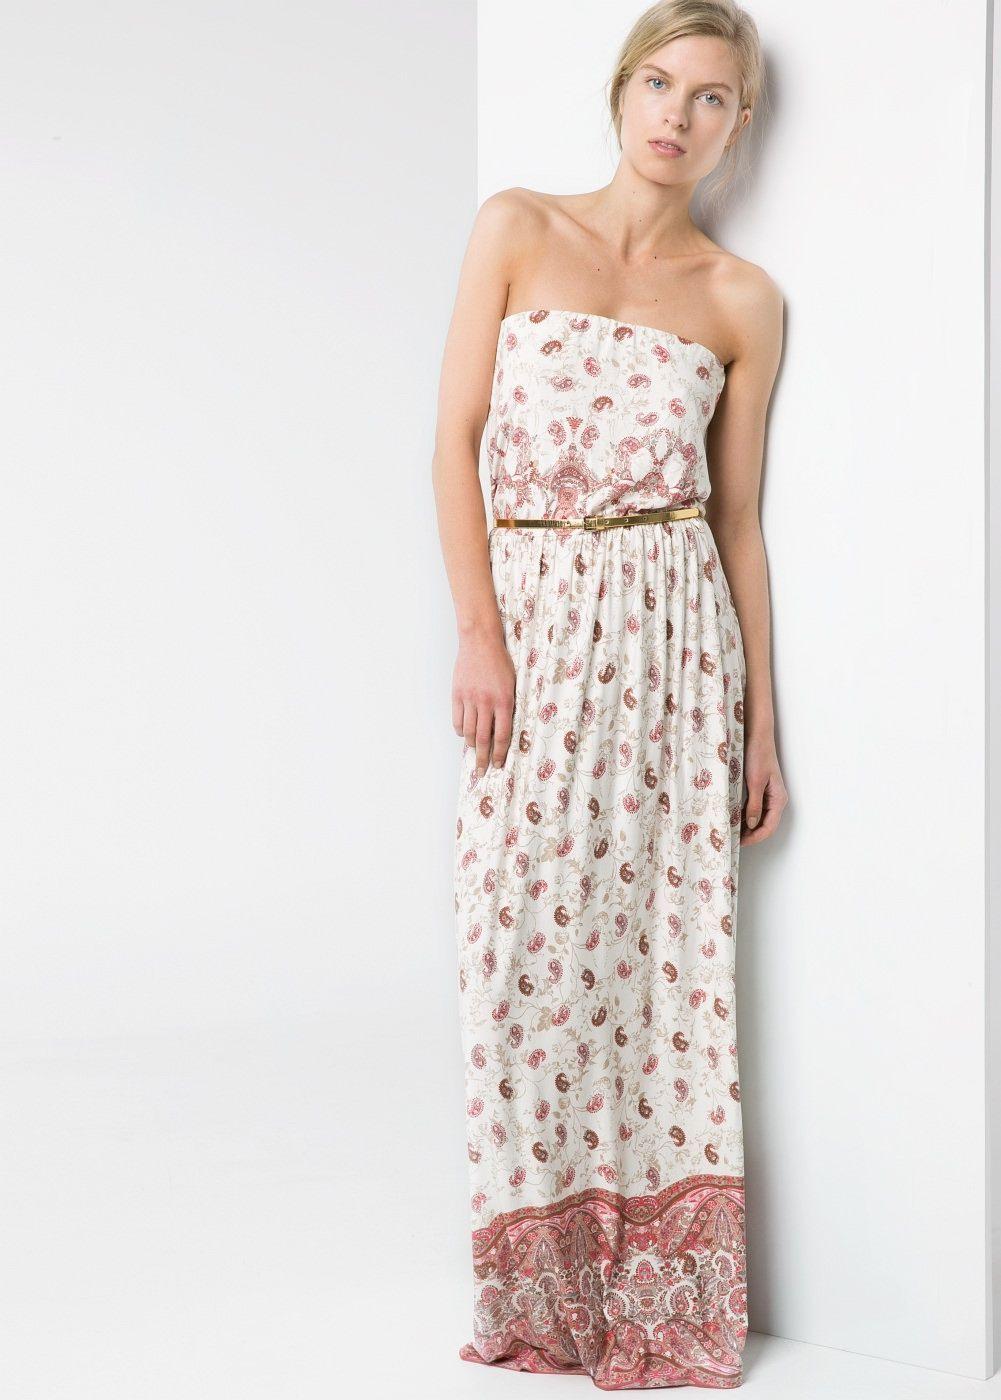 10 Einfach Bandeau Kleid BoutiqueAbend Schön Bandeau Kleid Ärmel